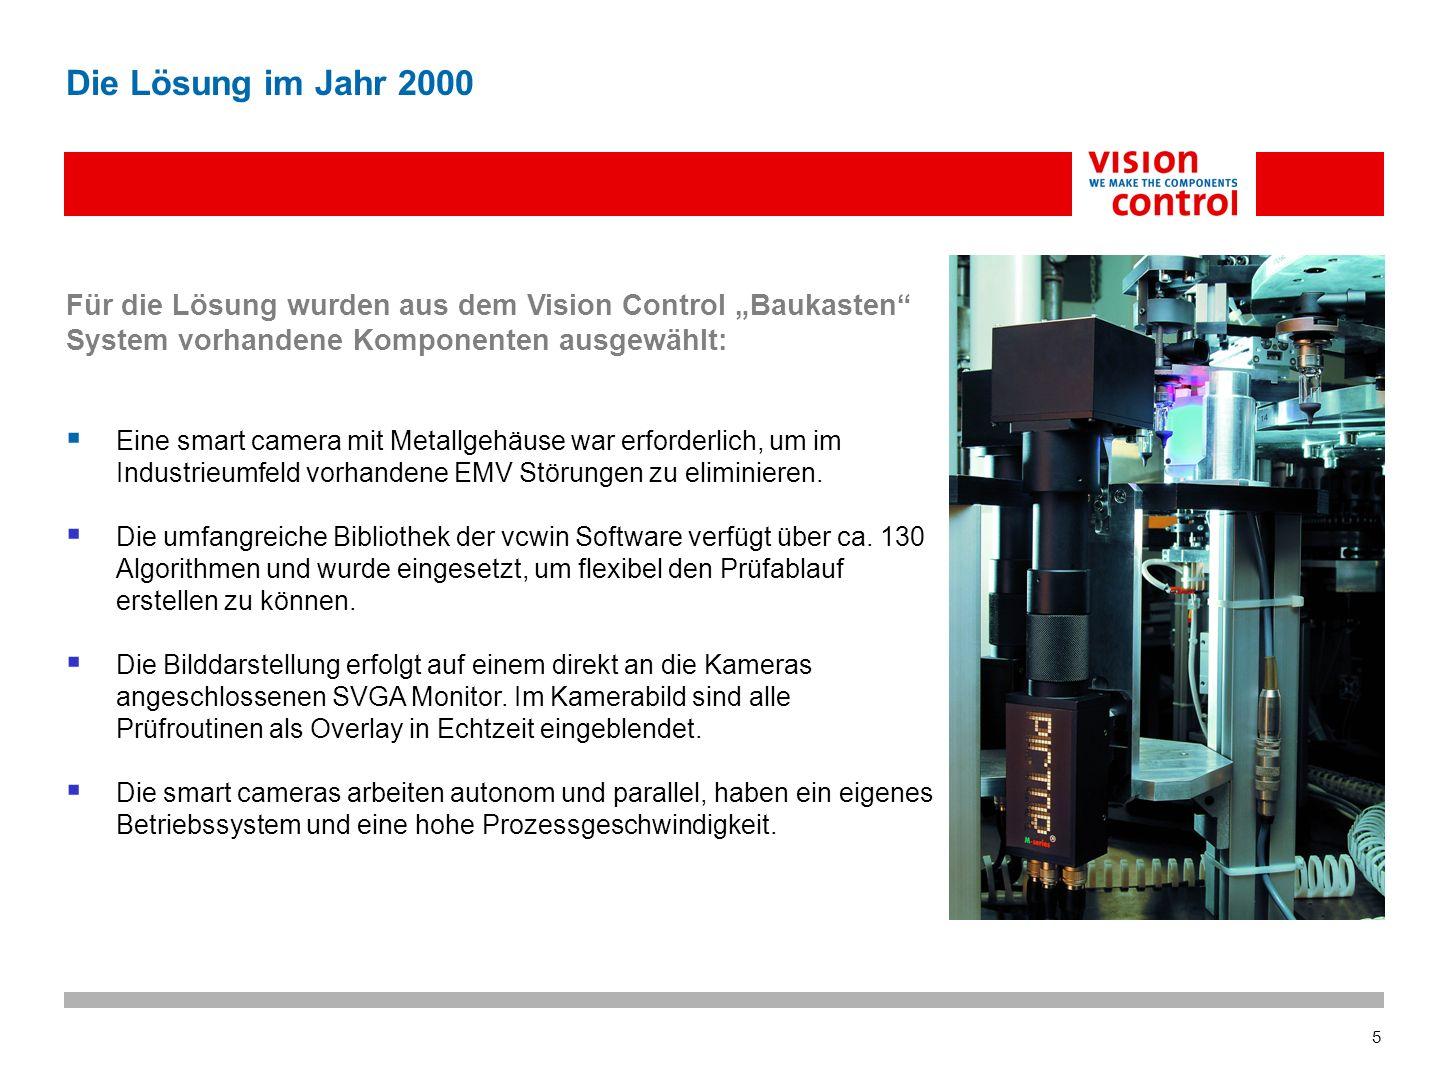 """Die Lösung im Jahr 2000 Für die Lösung wurden aus dem Vision Control """"Baukasten System vorhandene Komponenten ausgewählt:"""